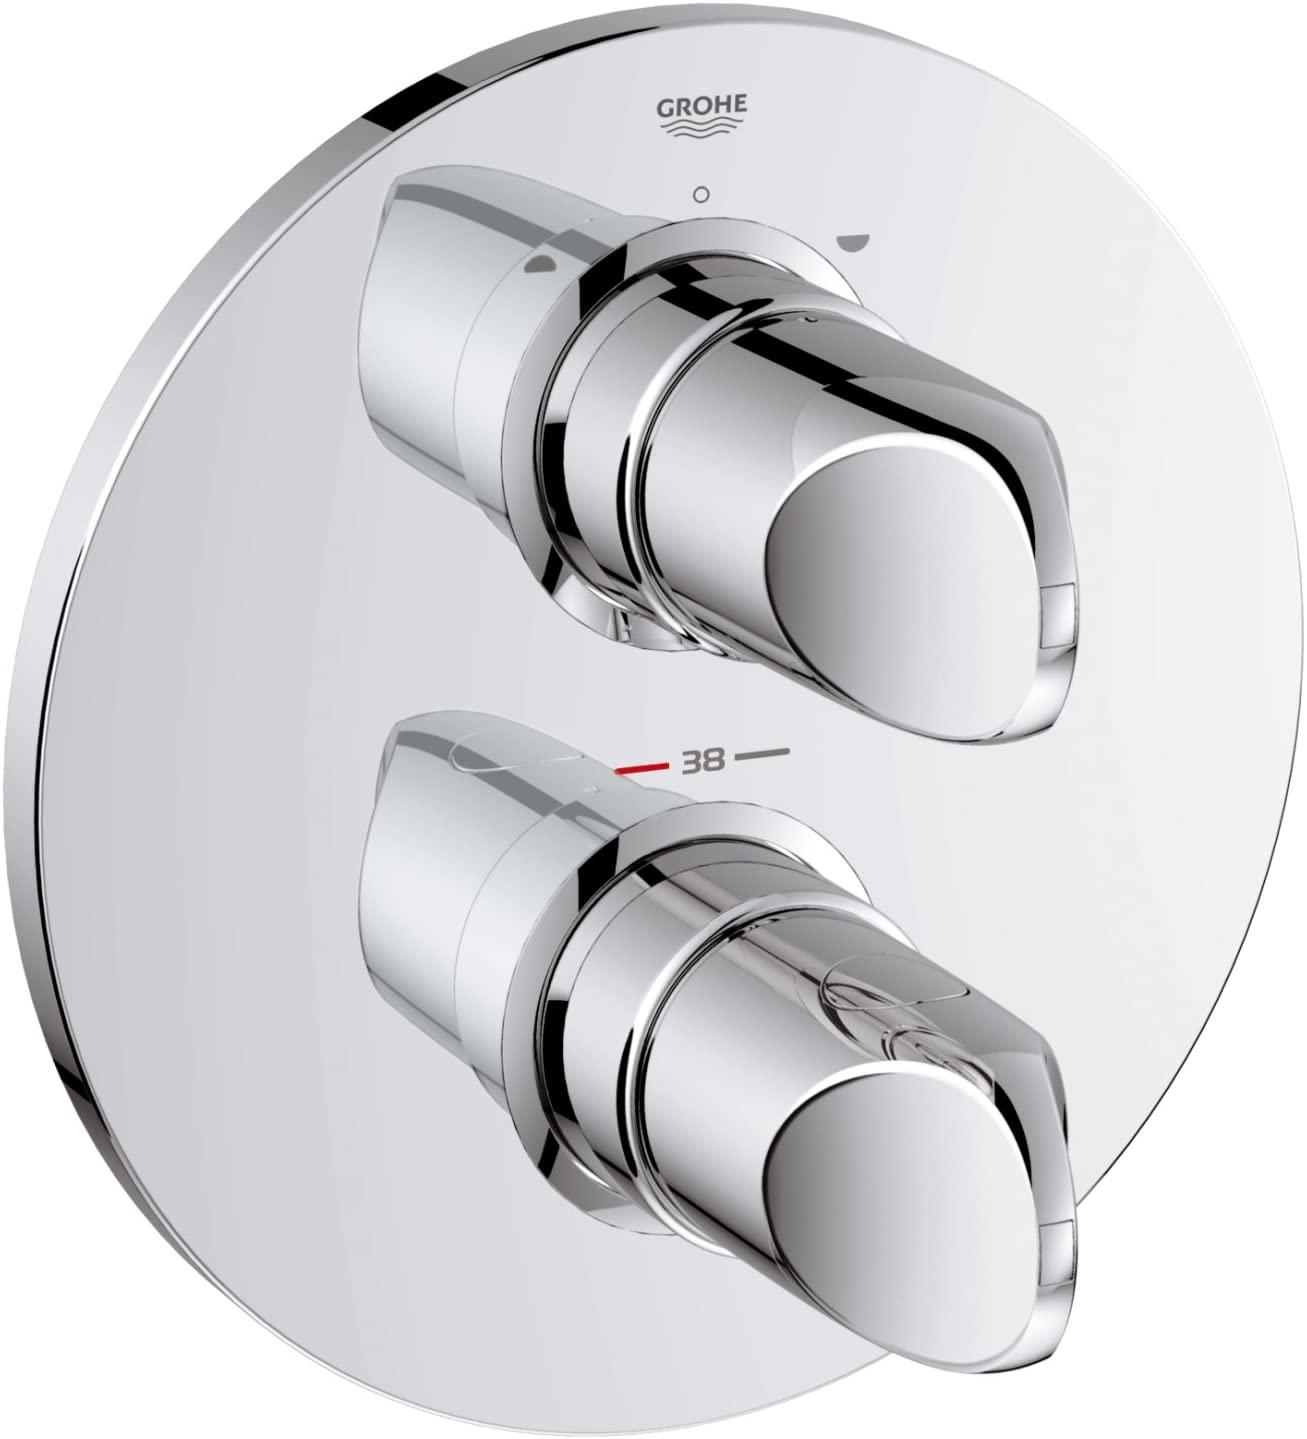 Full Size of Thermostat Dusche Bodengleich Bluetooth Lautsprecher Schiebetür Fliesen Ebenerdige Kosten Mischbatterie Koralle Siphon 80x80 Eckeinstieg Unterputz Grohe Walk Dusche Grohe Thermostat Dusche